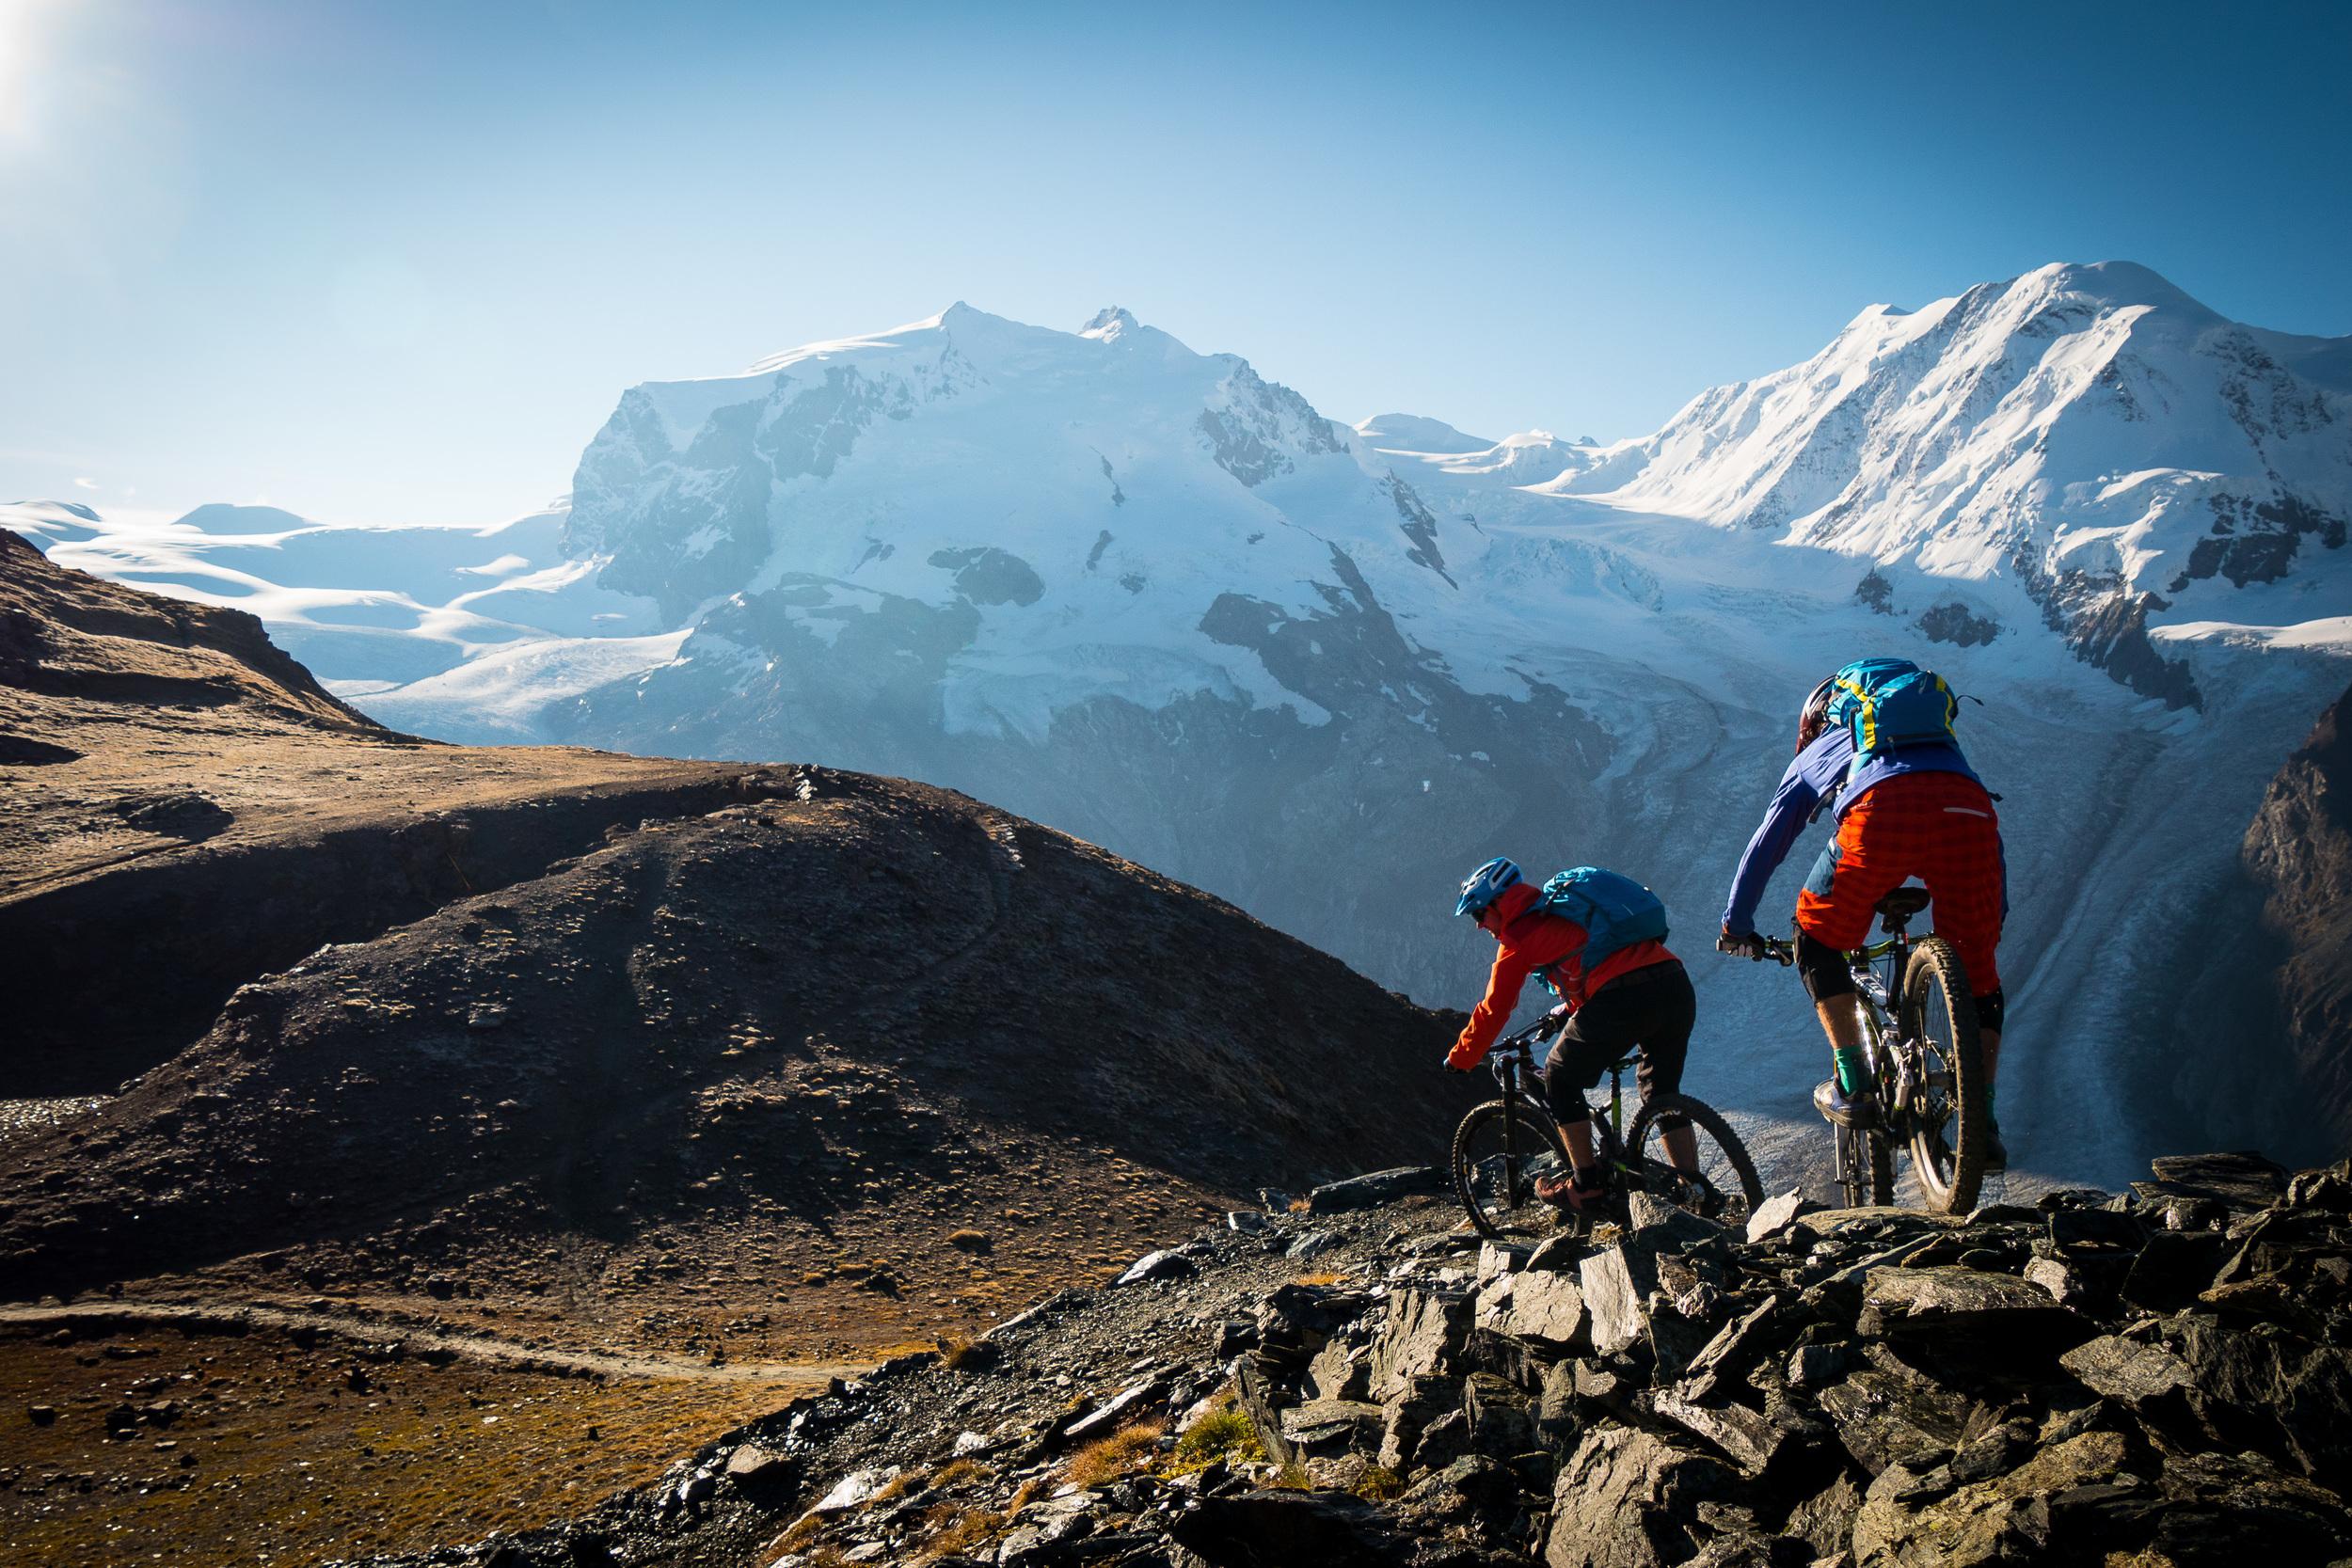 Zermatt-2014 (6 of 38).jpg